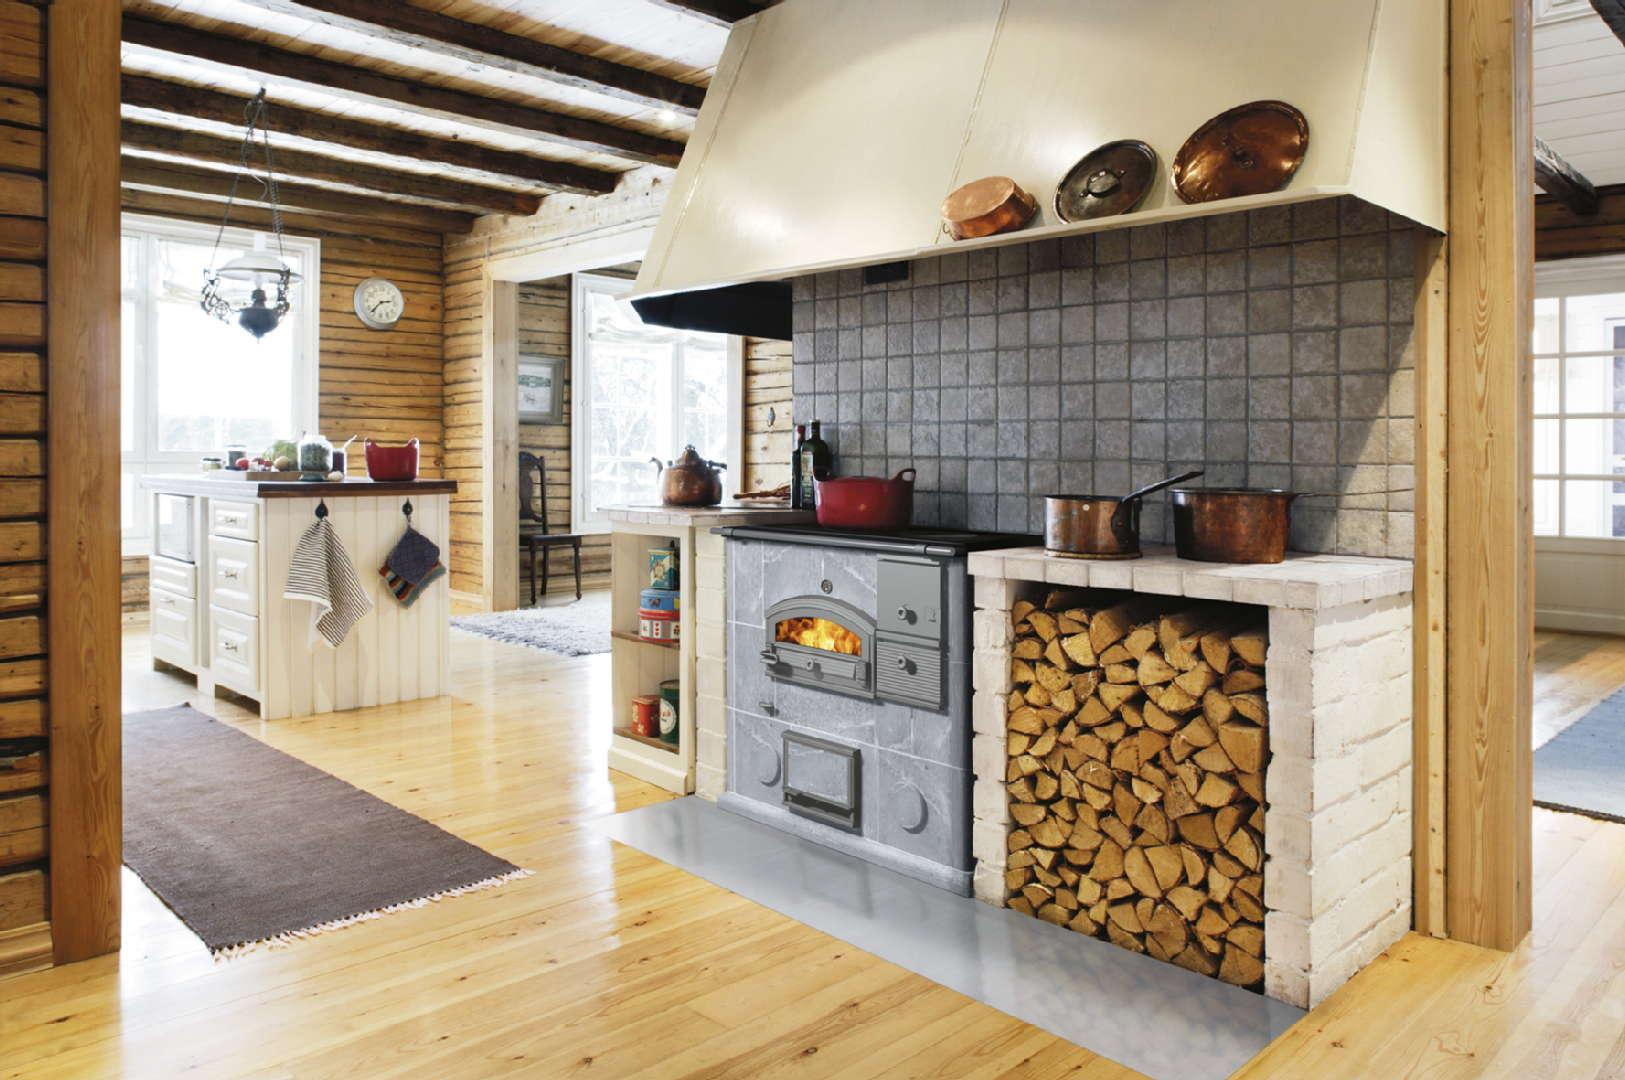 Suosituimmat 2015 leivinuuni, olohuone ja sauna  Etuovi com Ideat & vinkit